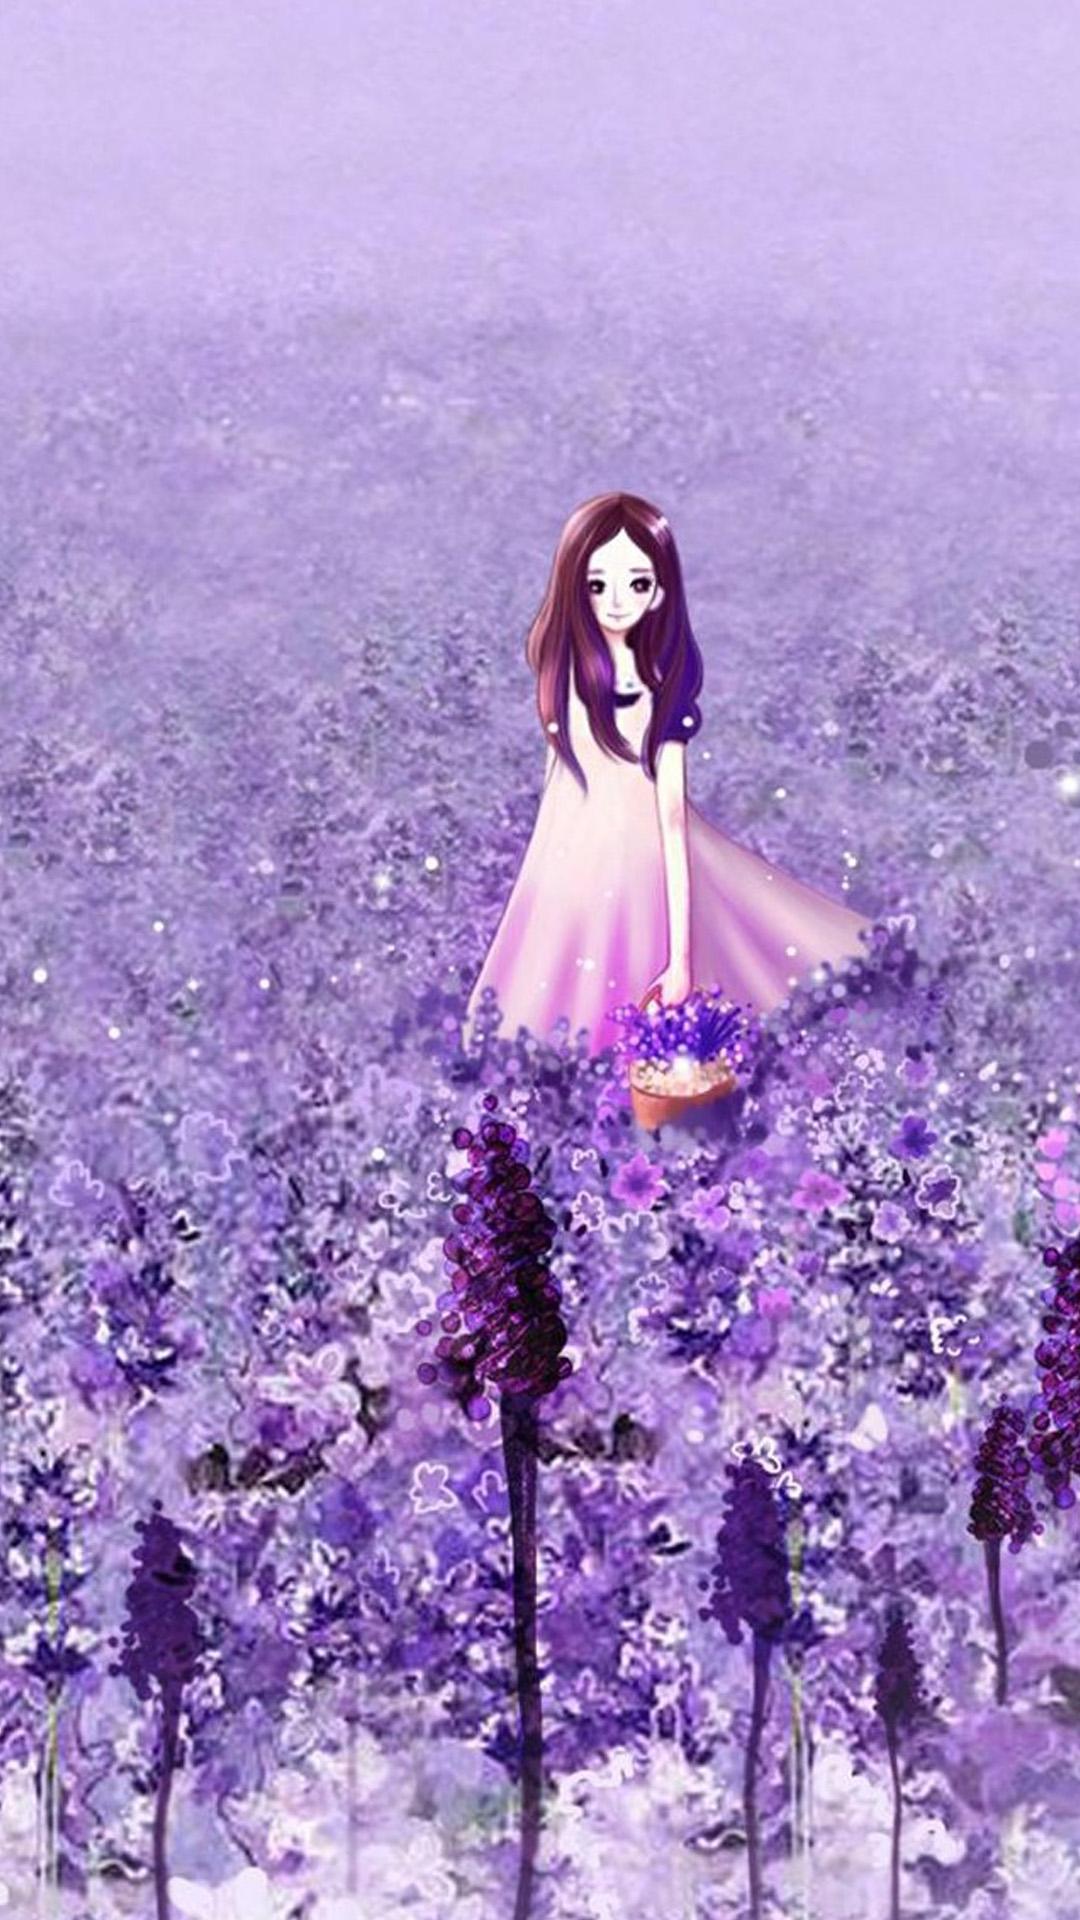 Cute Anime Girl iPhone Wallpaper - WallpaperSafari